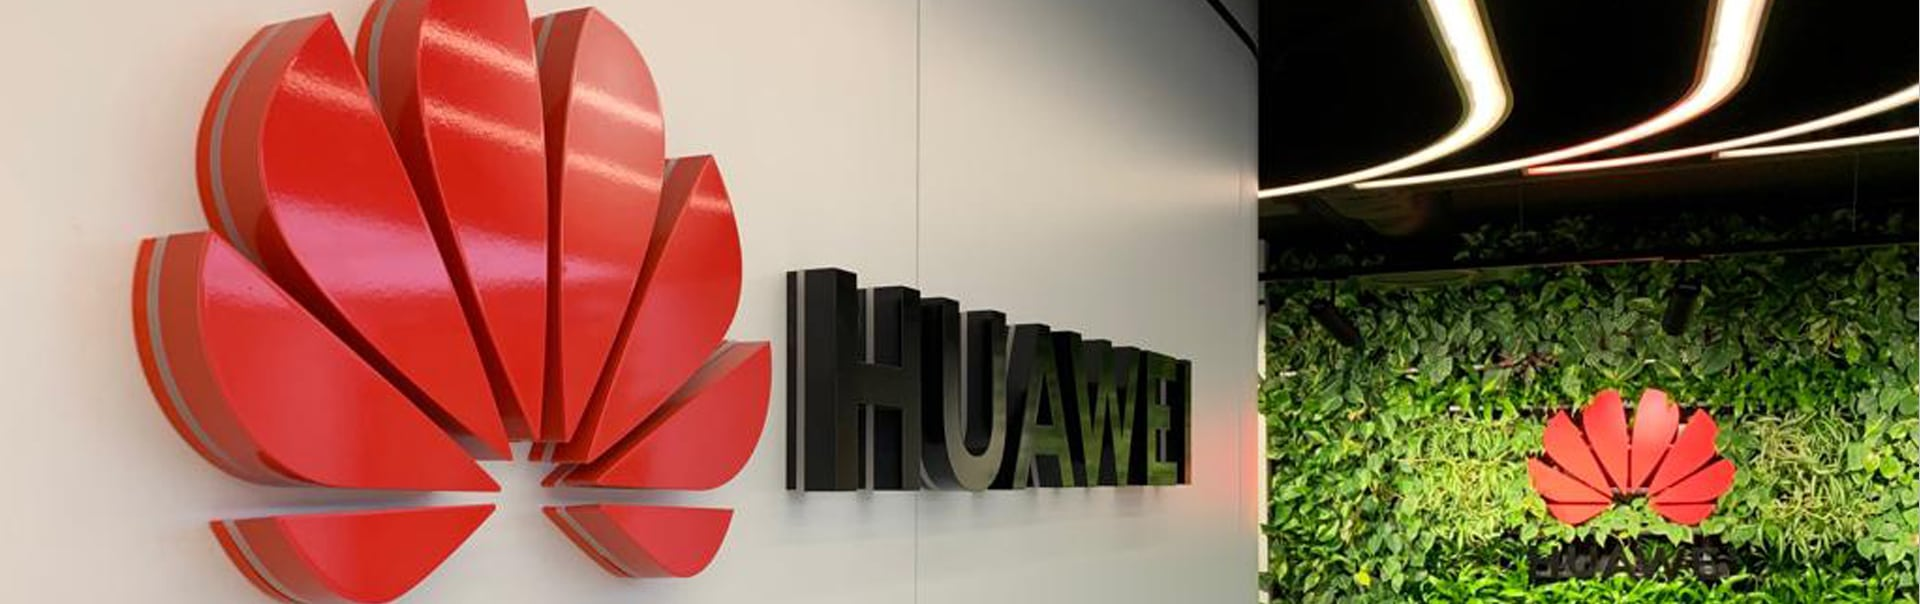 Huawei Logo Sign | Side Lit Letter Sign